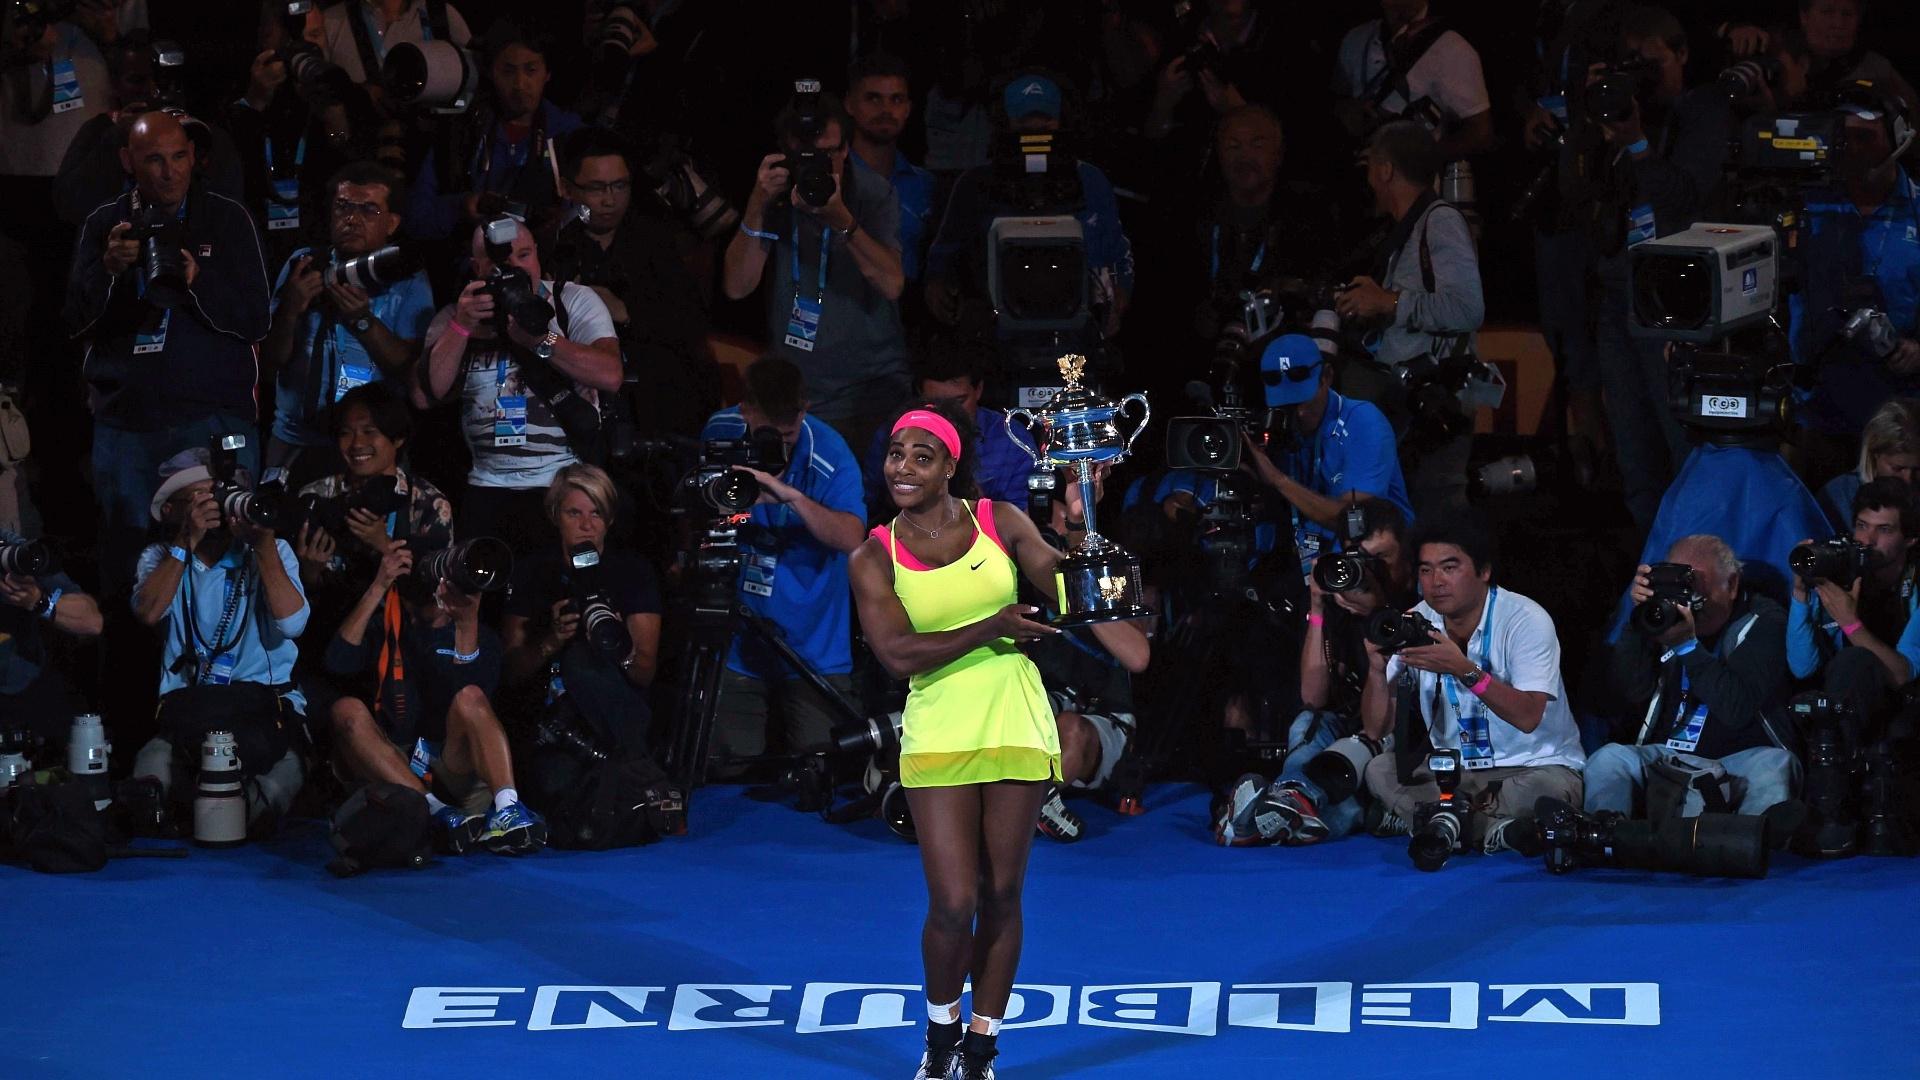 Fotógrafos tentam registrar a melhor imagem de Serena Williams